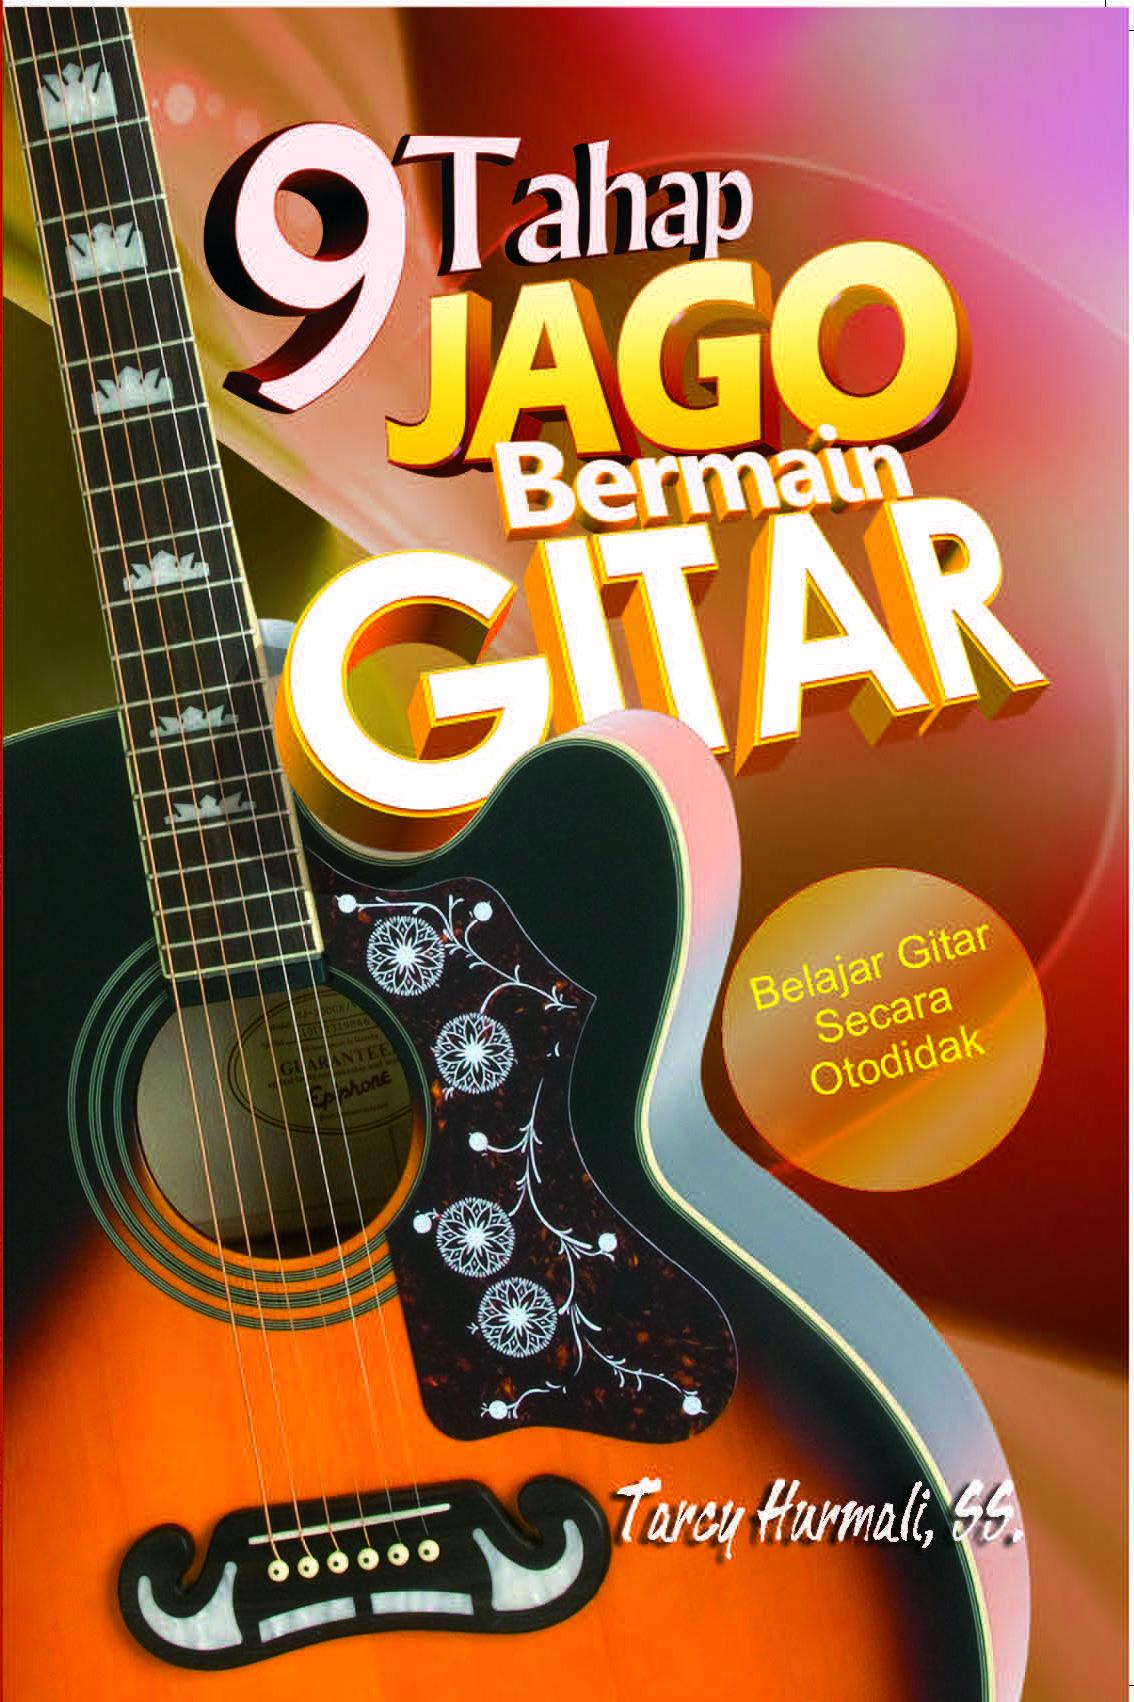 Master Bermain Gitar - 9 Tahap Jago Bermain GITAR